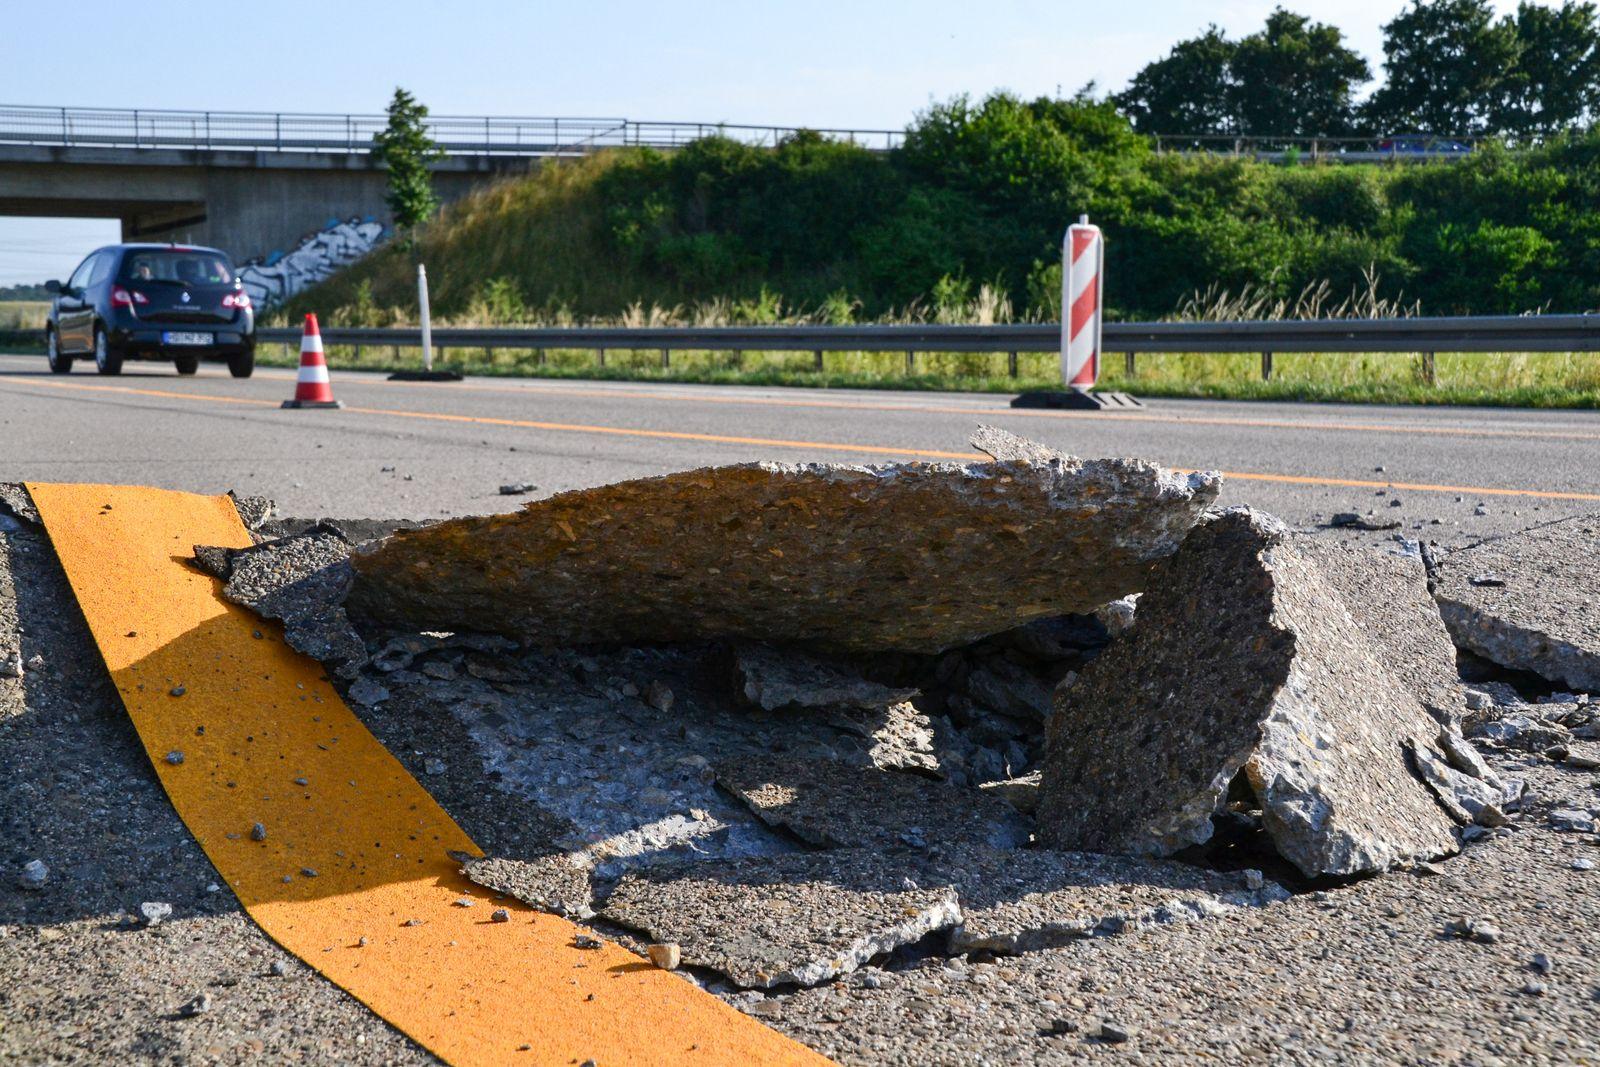 Hitzeschäden auf Autobahnen befürchtet